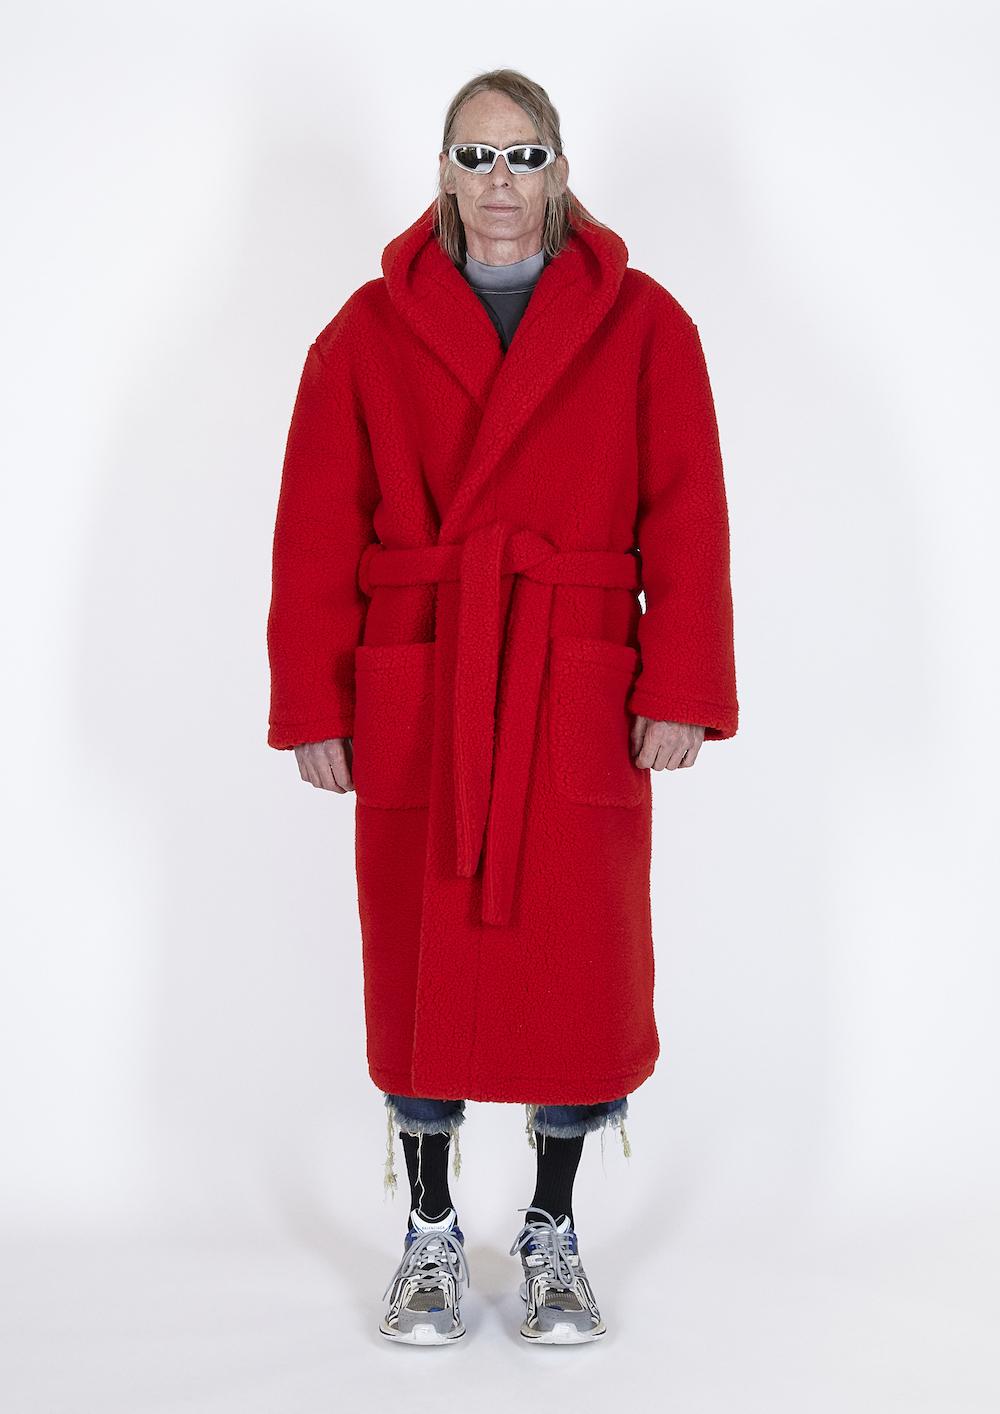 Balenciaga Mantel Sommer 2021 Modepilot